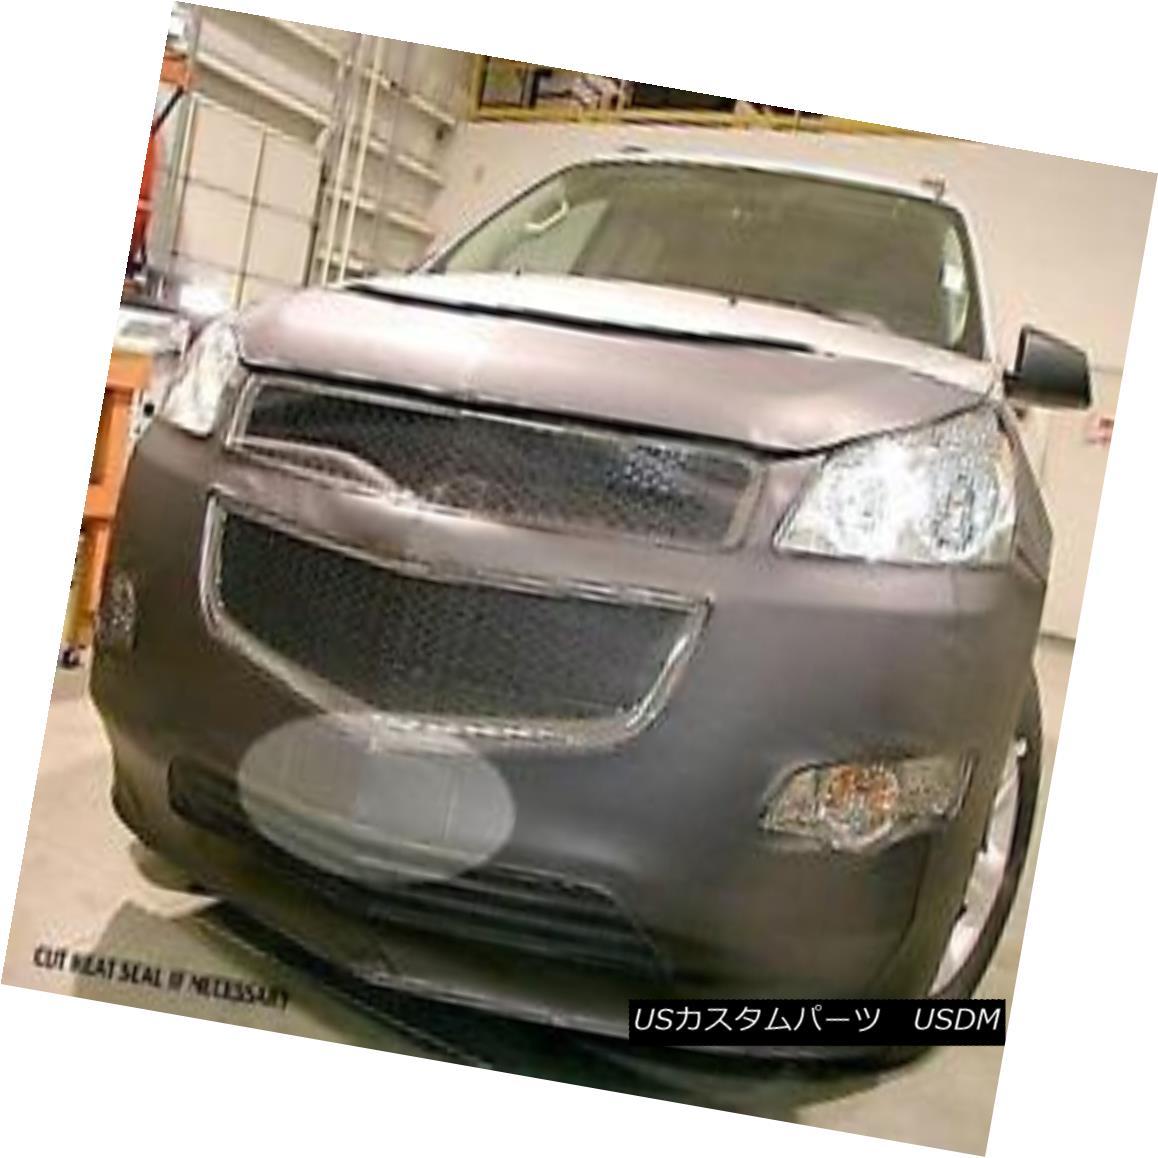 フルブラ ノーズブラ Lebra Front End Mask Bra Fits 2009 2010 2011 2012 09 10 11 12 Chevy Traverse Lebraフロントエンドマスクブラフィット2009 2010 2011 2012 09 10 11 12 Chevy Traverse